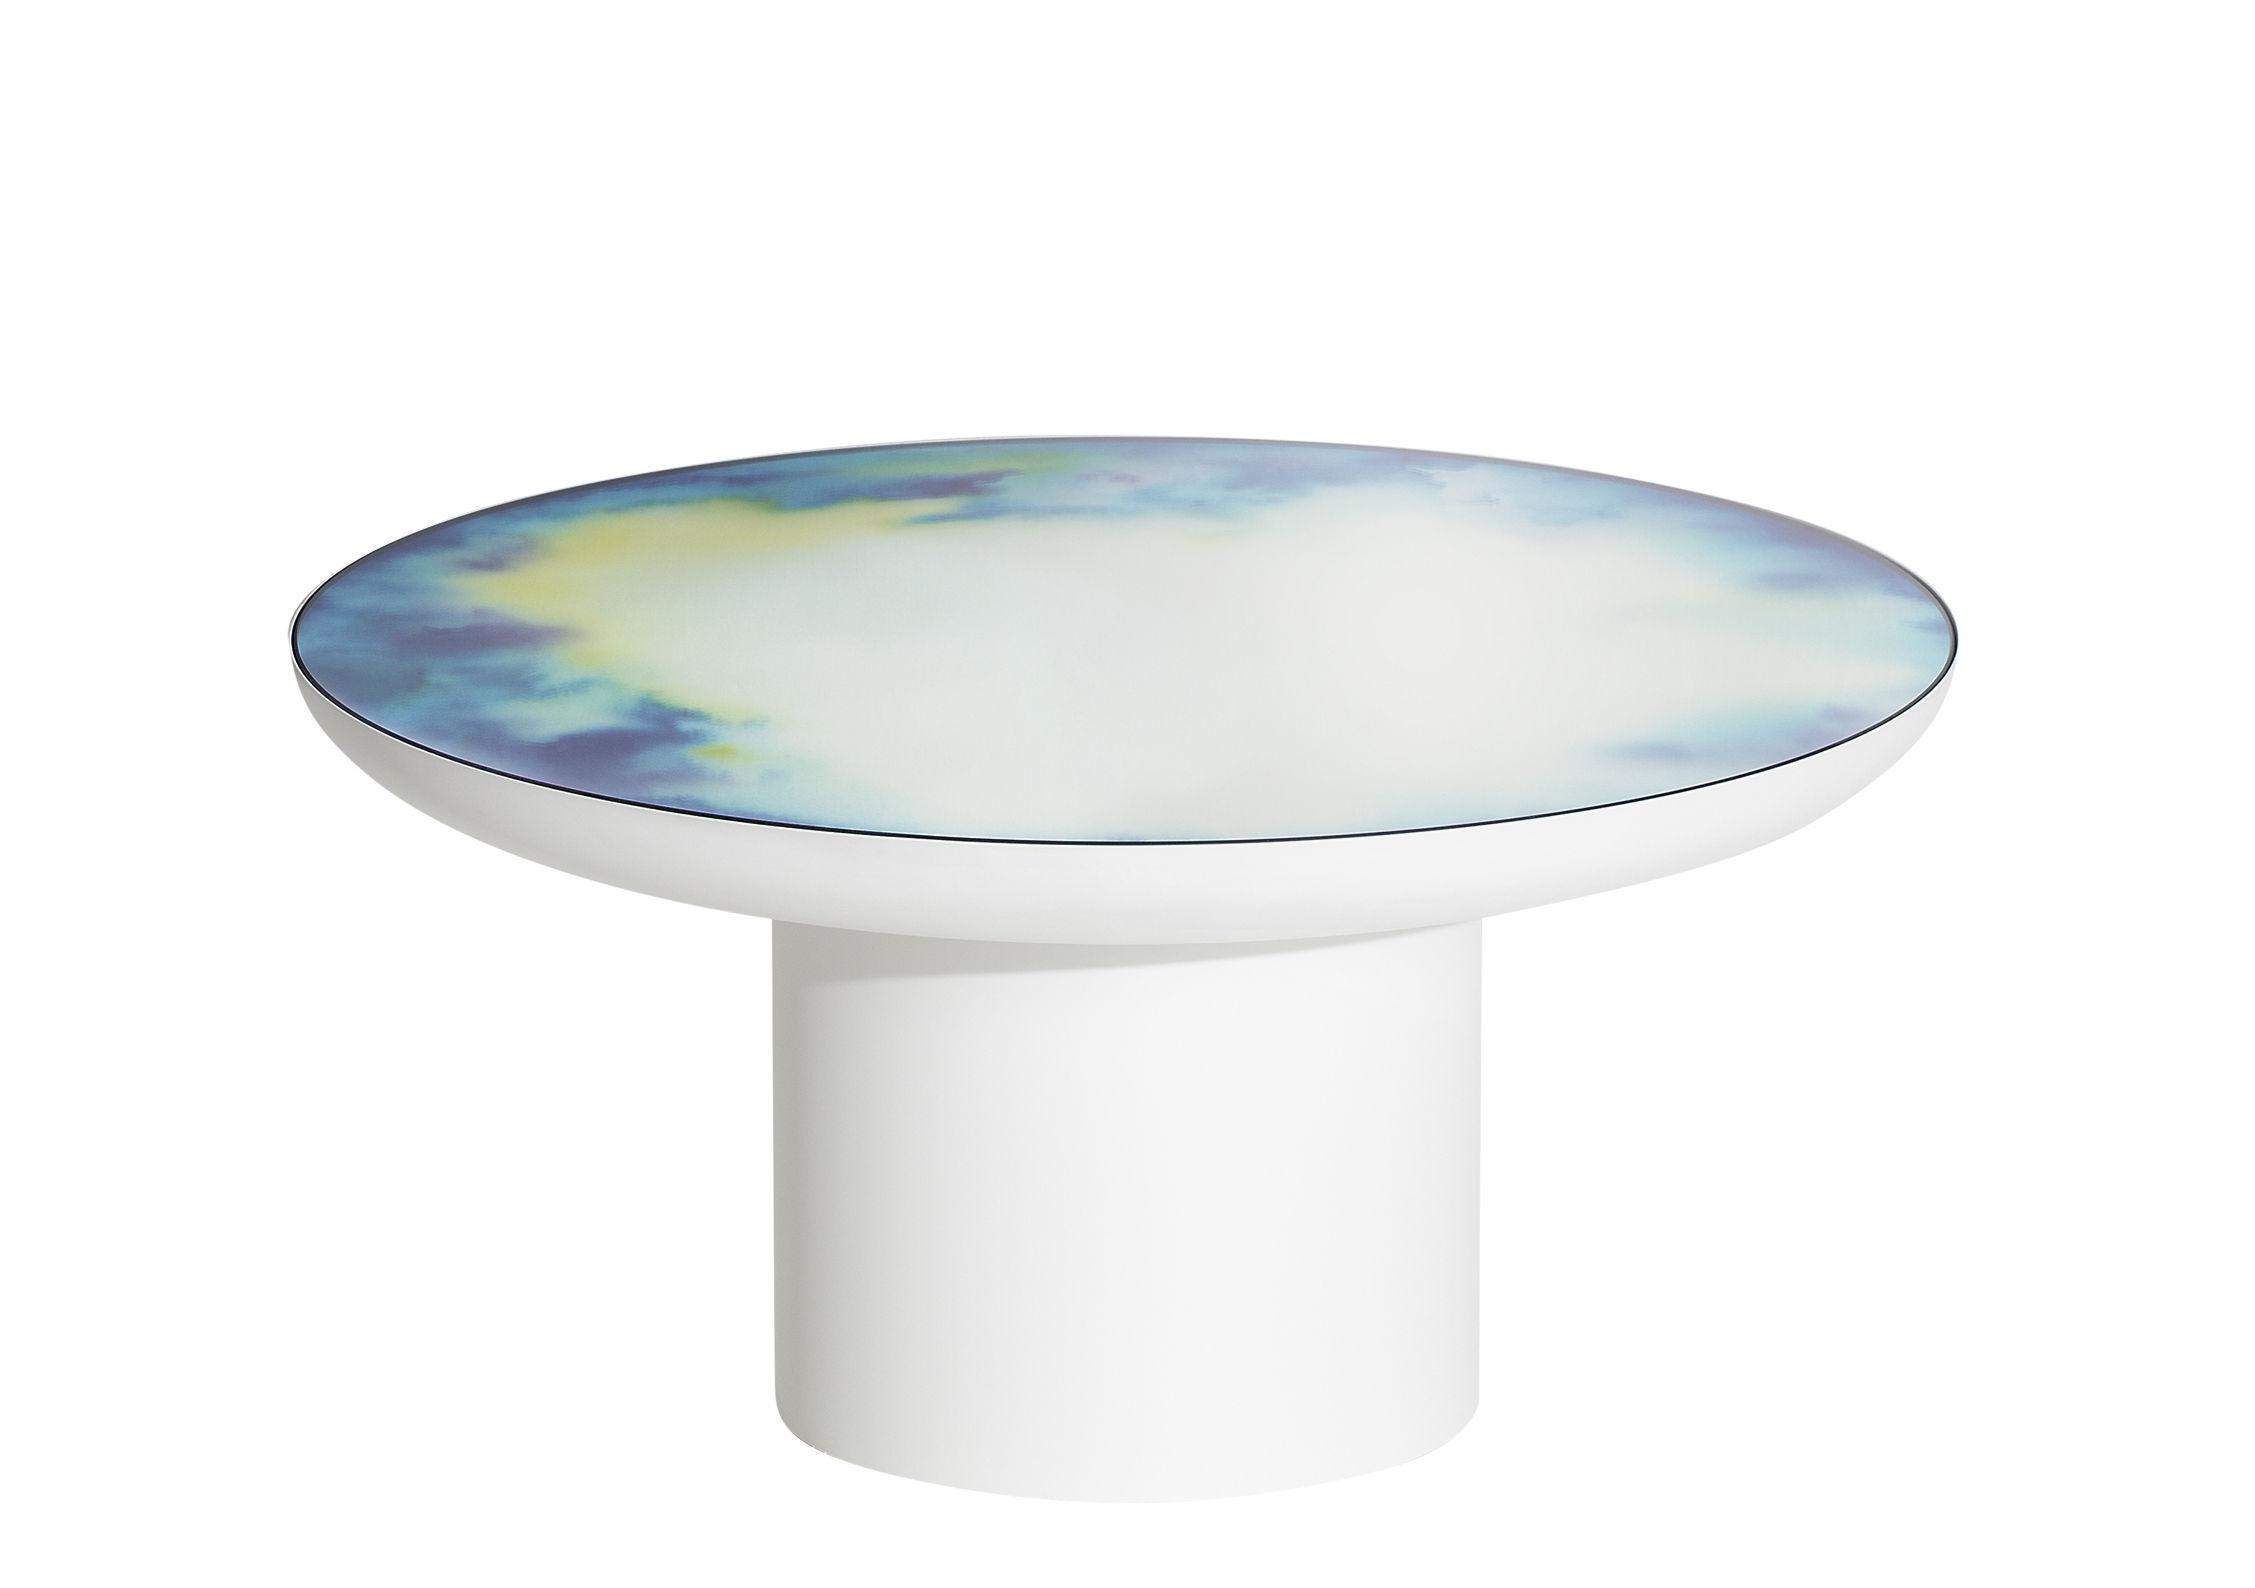 Arredamento - Tavolini  - Tavolino Francis Large - / Ø 75 x H 36 cm - Specchio di Petite Friture - Bianco / Specchio colorato - Acciaio verniciato, Vetro Securit colorato